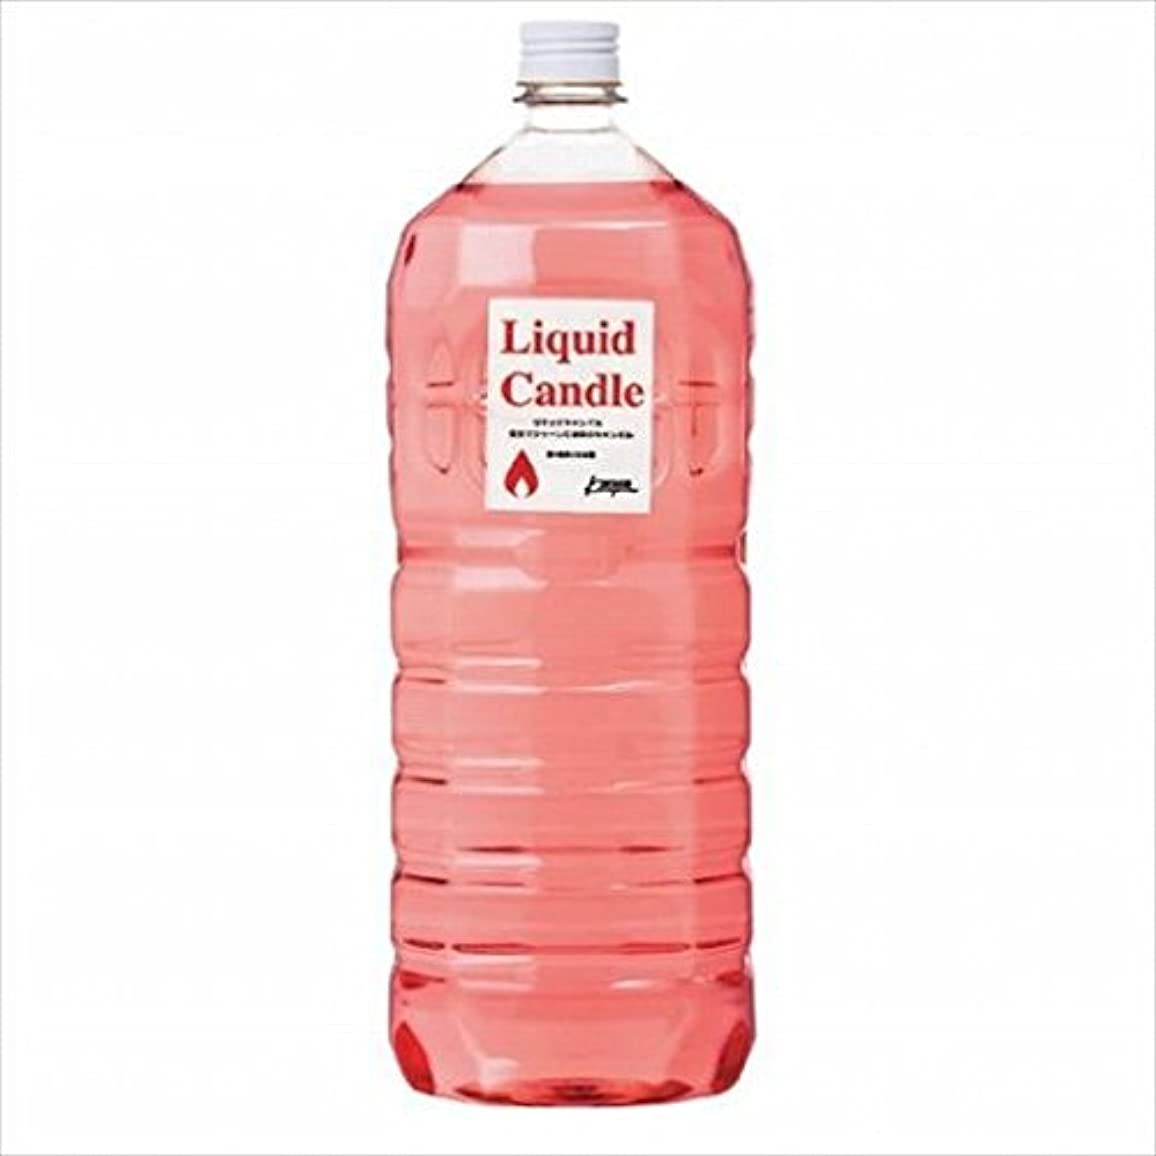 厚さ脊椎乏しいkameyama candle(カメヤマキャンドル) リキッドキャンドル2リットル 「 ピンク 」(77310000P)